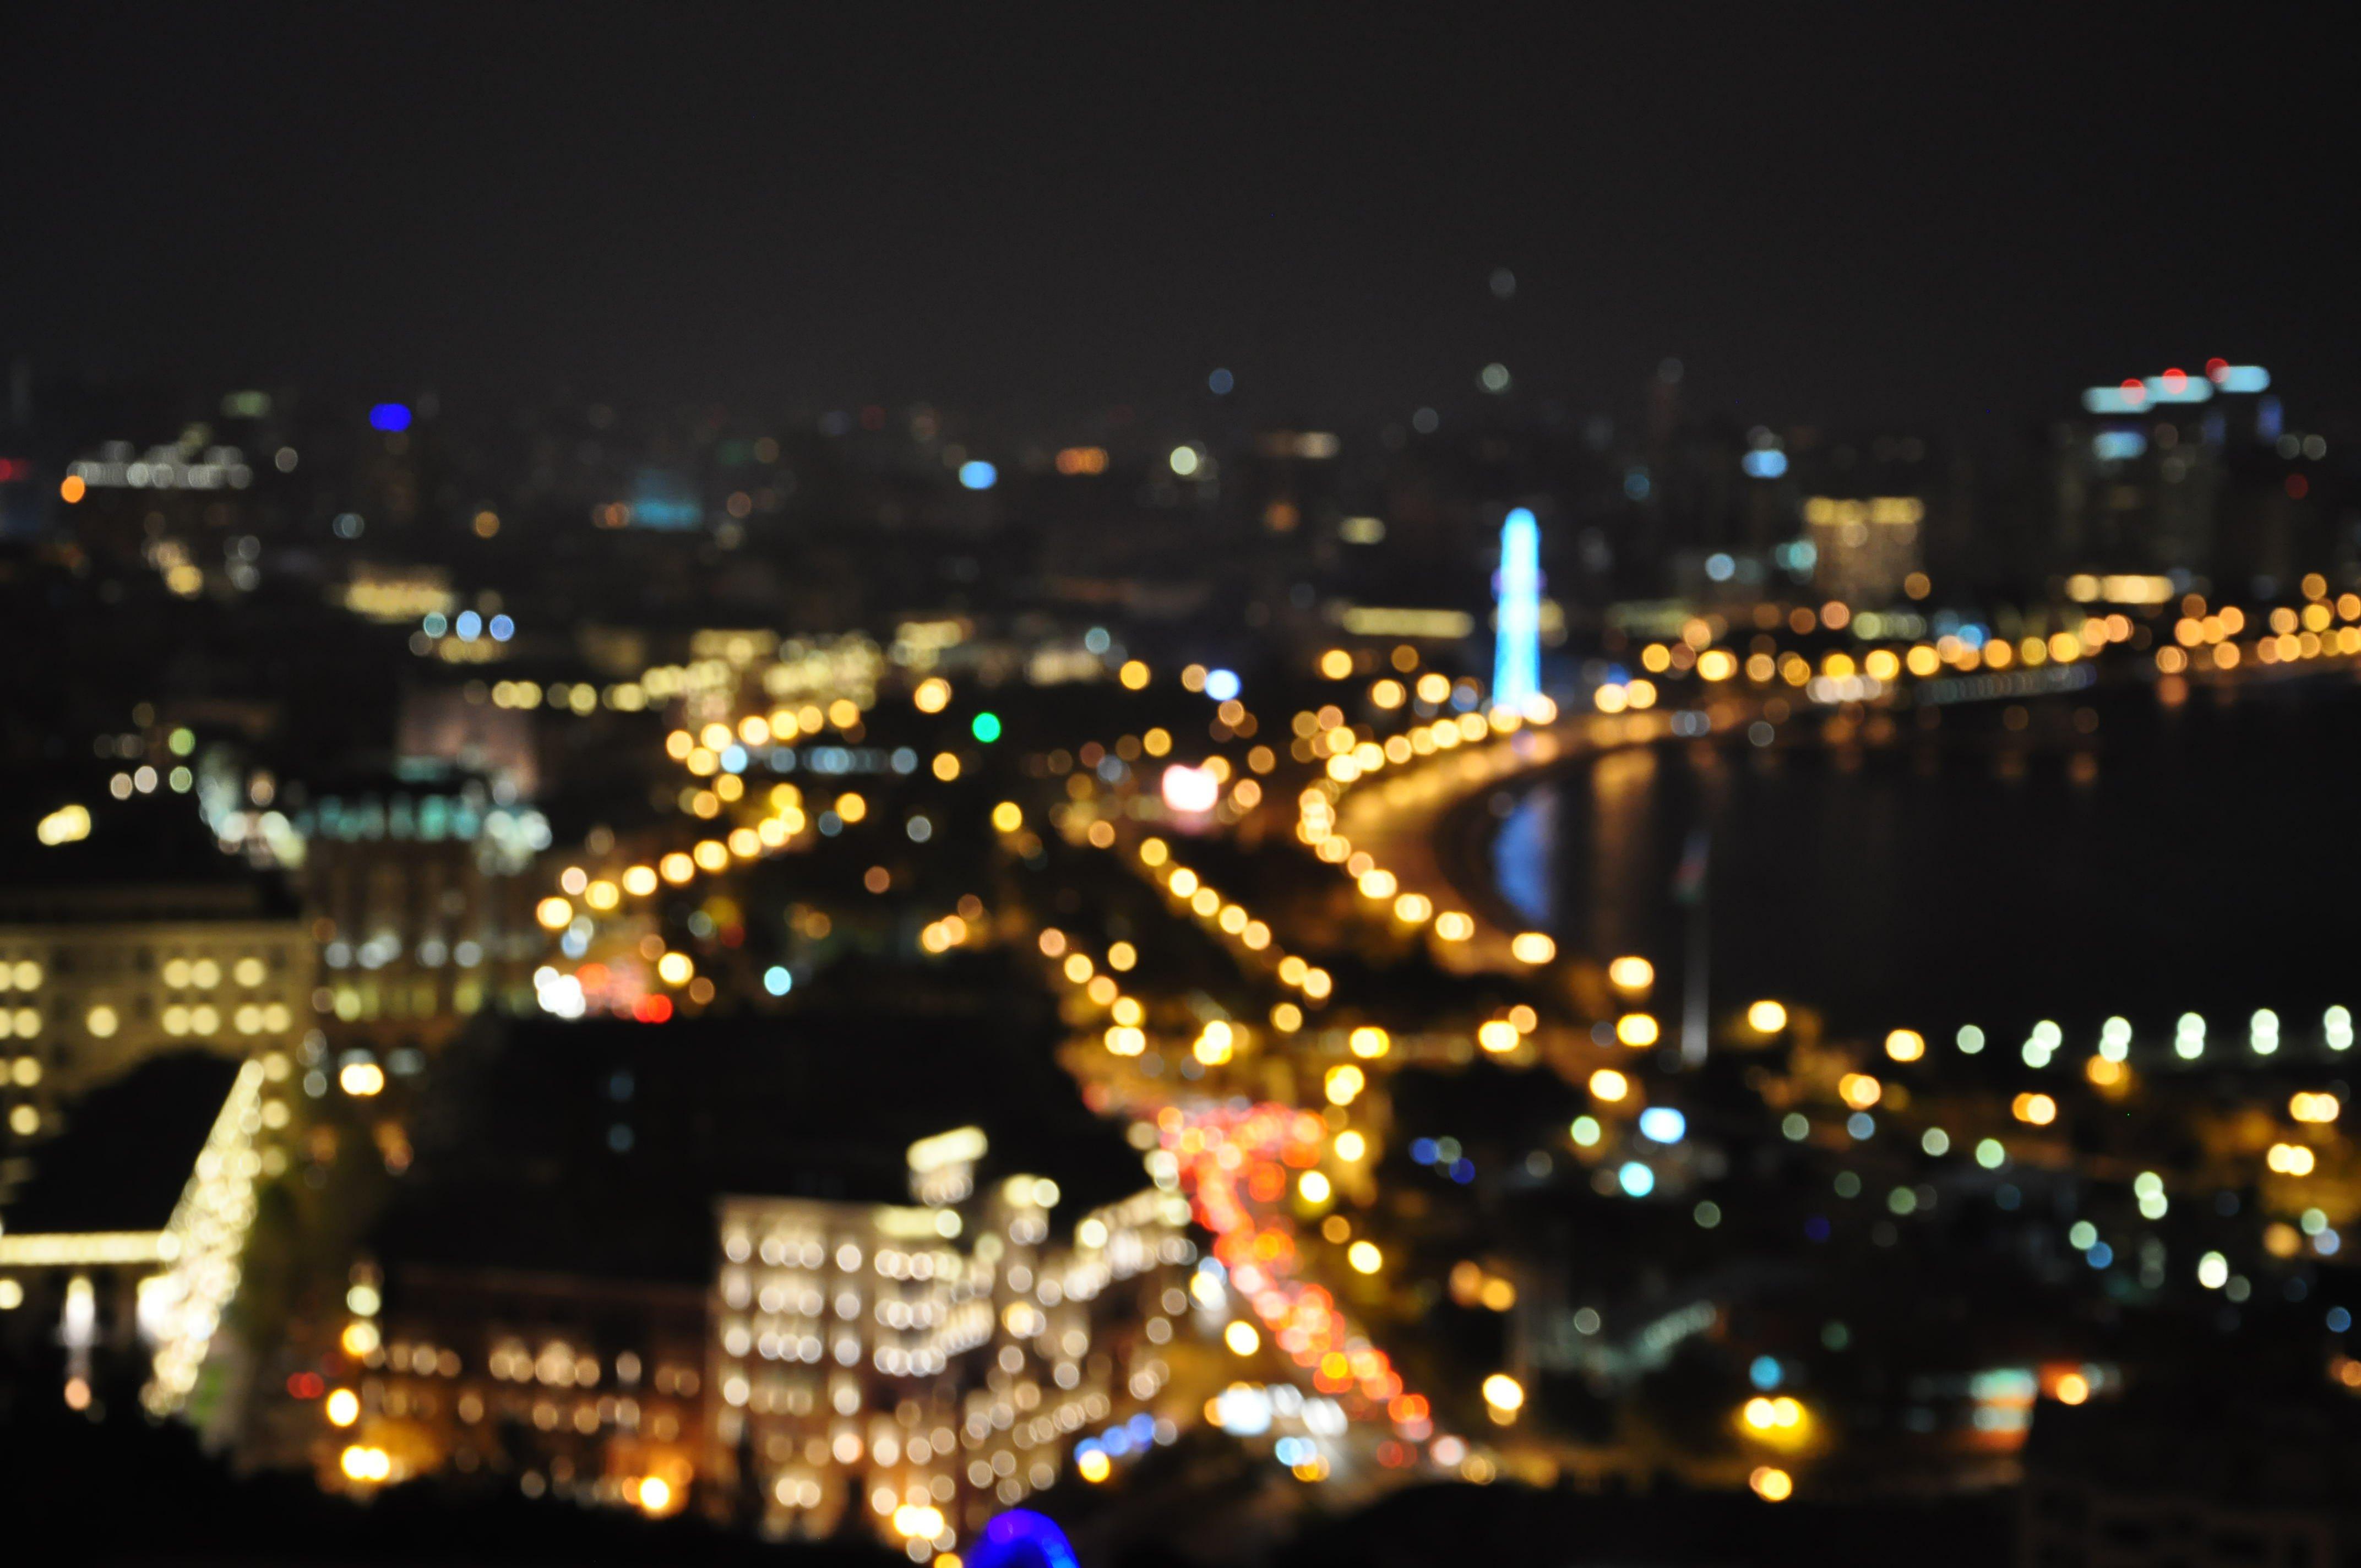 Бакинский дебют. Поездка в Баку из Казани в ноябре 2017